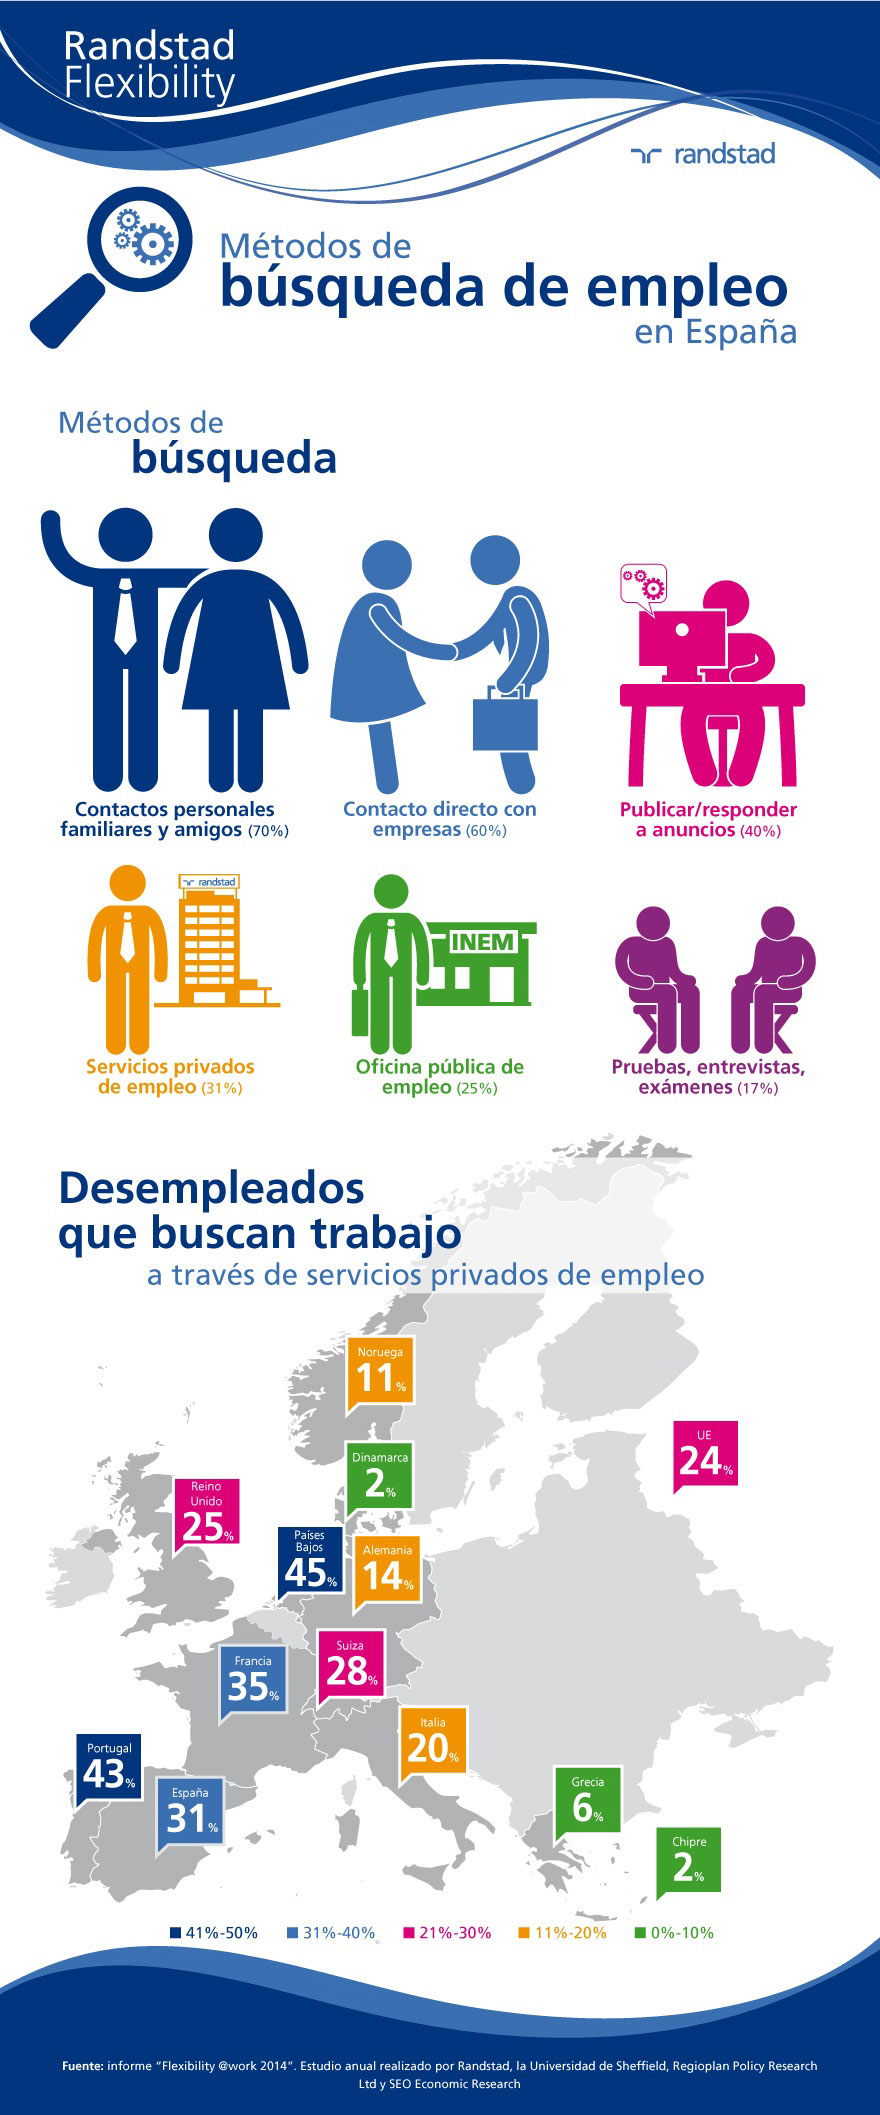 infografia-flexibility-2014-busqueda-empleo.jpg